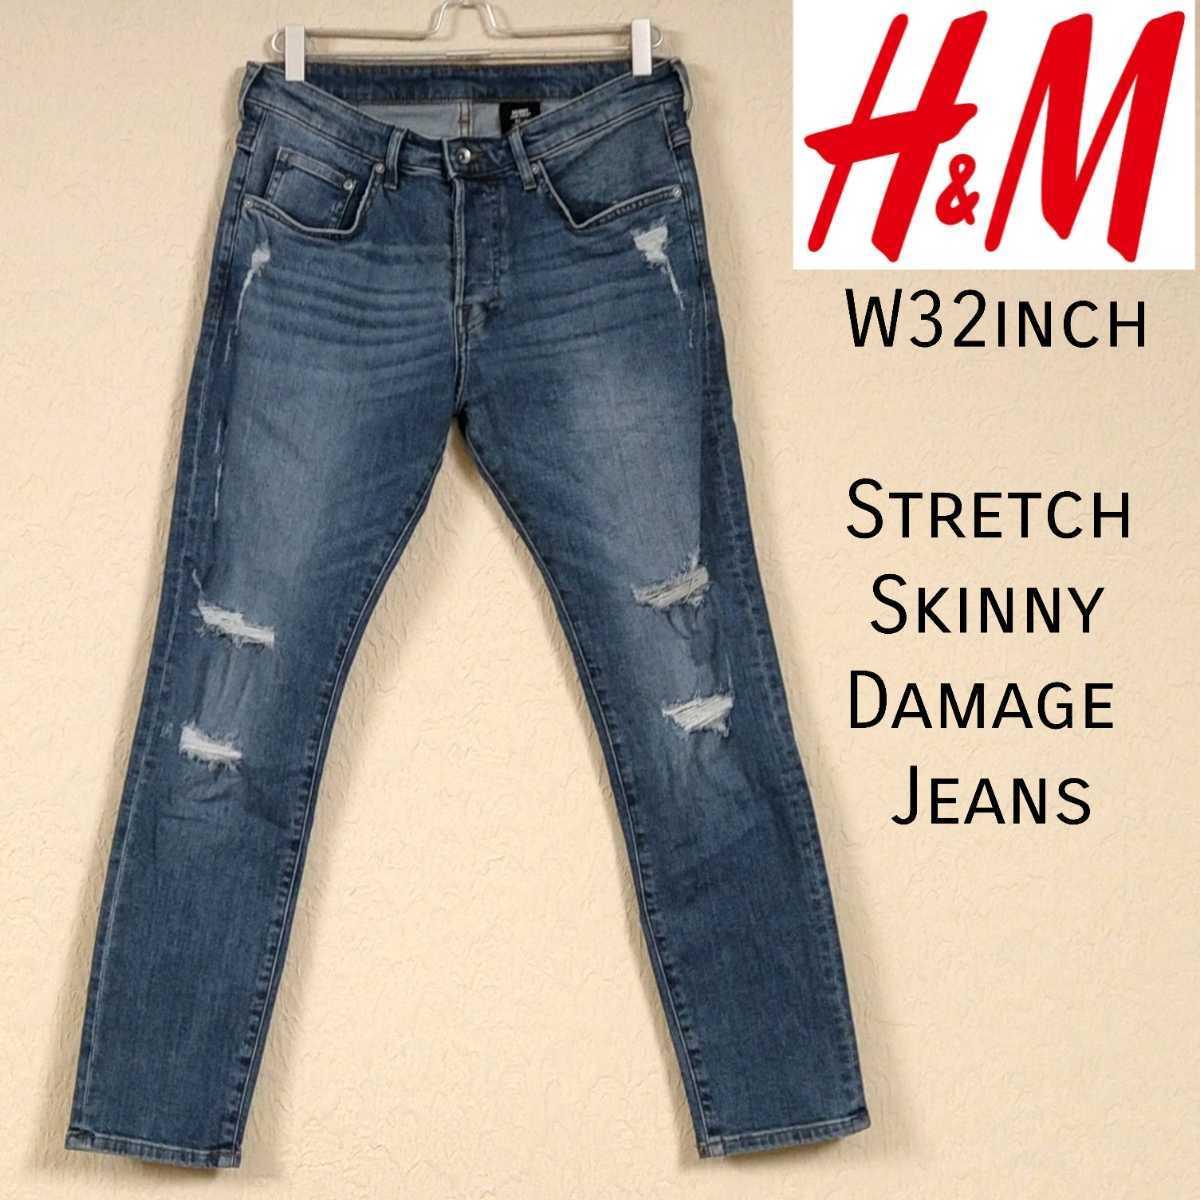 H&M ストレッチ スキニー ダメージ ジーンズ W32 80cm メンズ エイチアンドエム スリム デニムパンツ インディゴ